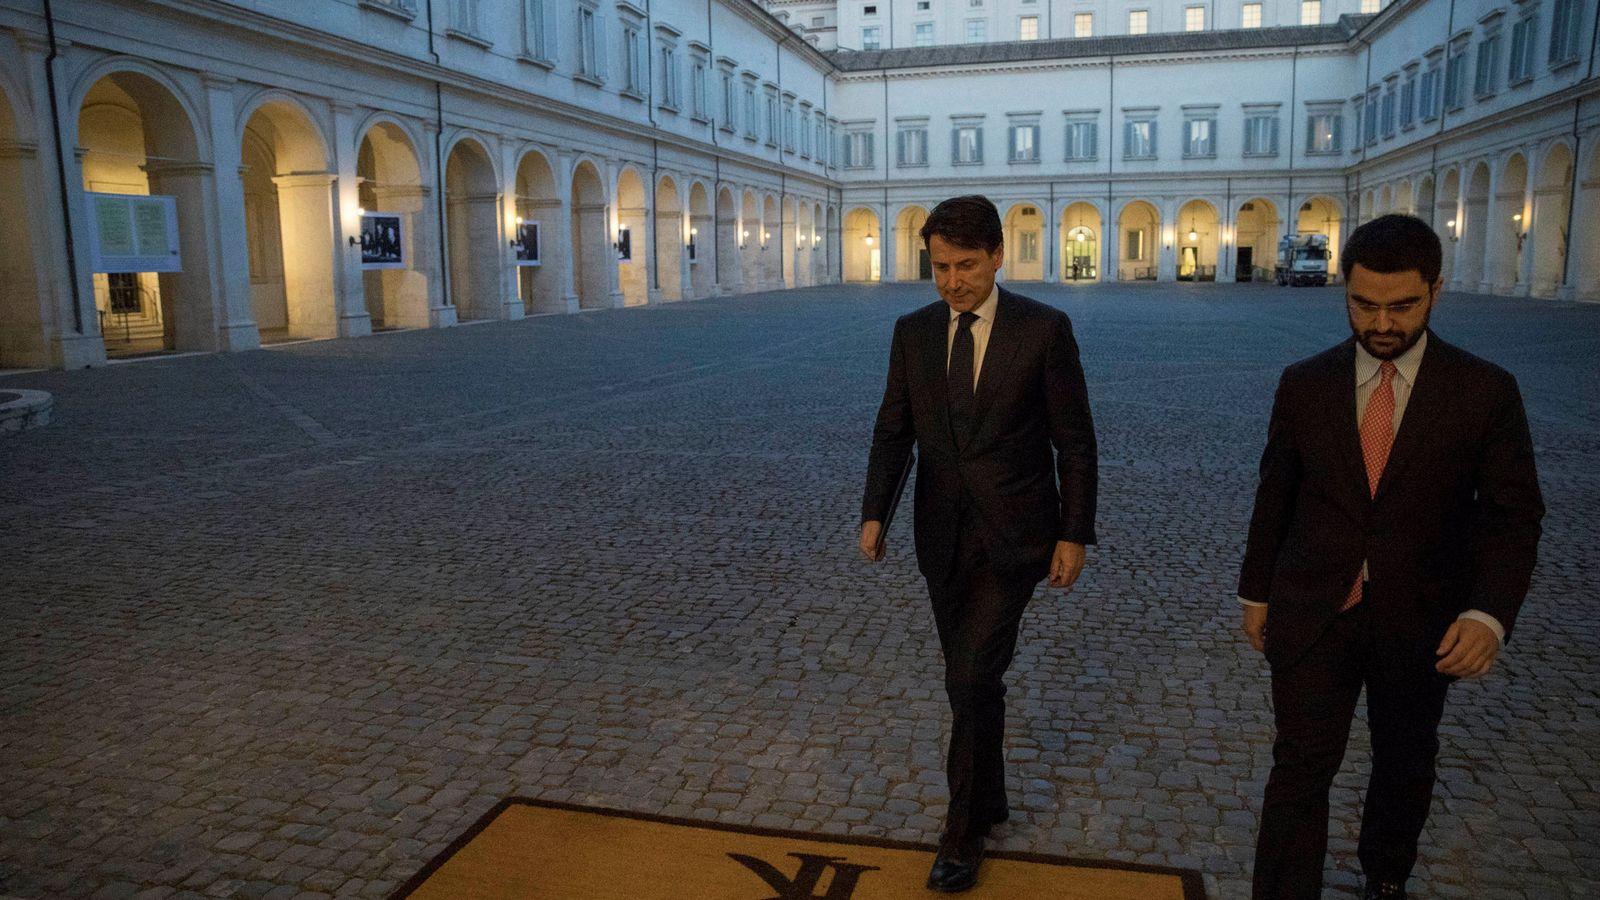 Foto: El nuevo primer ministro italiano, Giuseppe Conte, llega al Palacio del Quirinal para reunirse con el presidente Sergio Mattarella. (Reuters)